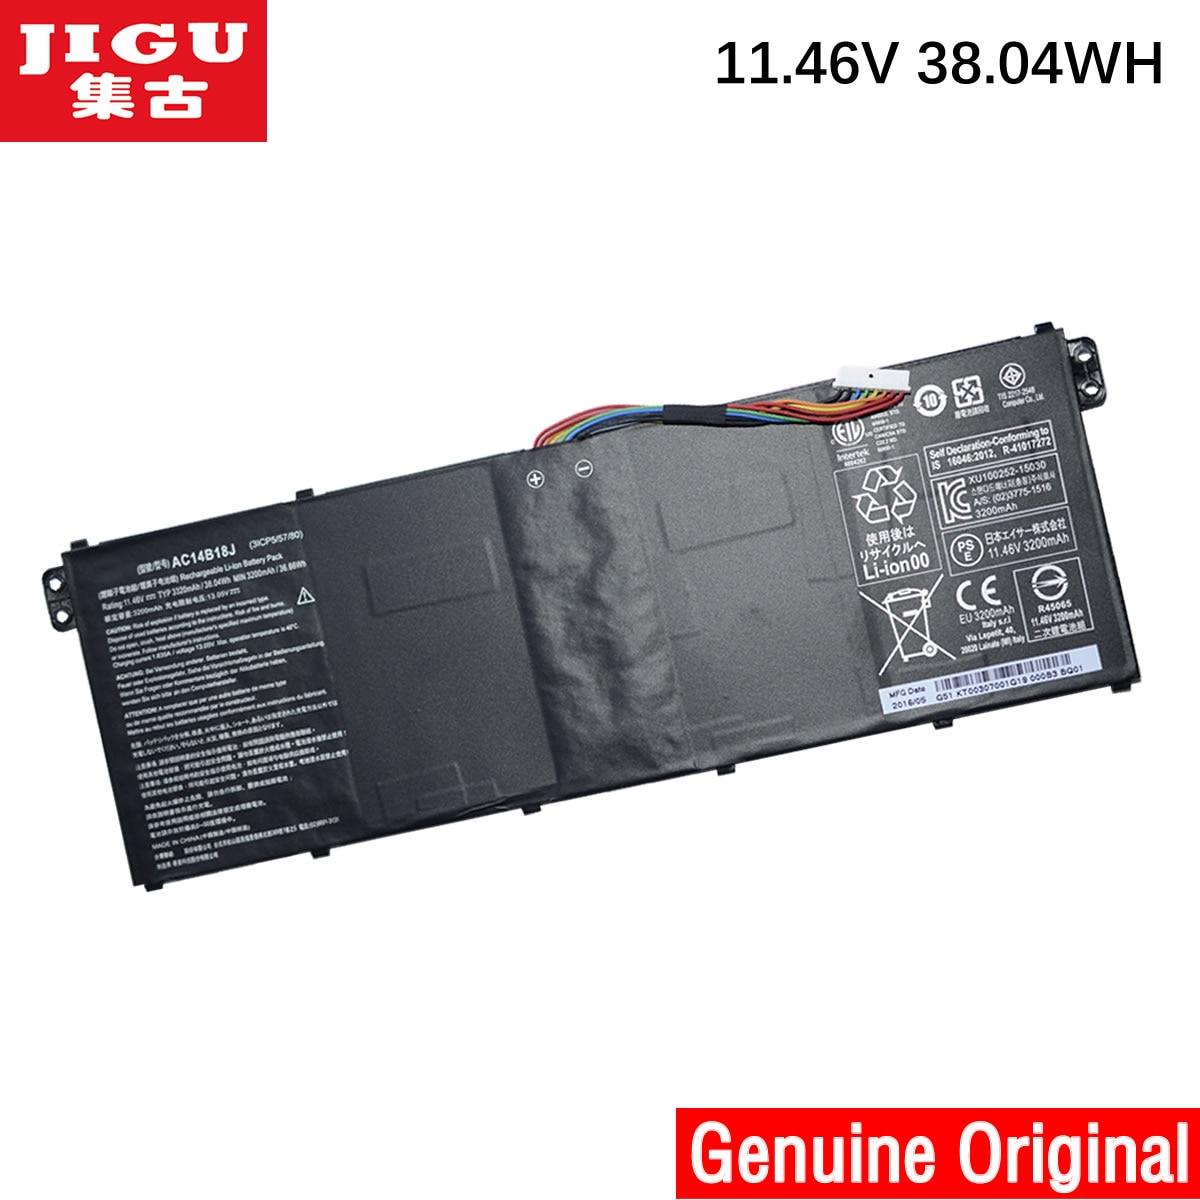 JIGU AC14B18J Original Laptop Battery For Acer Aspire E3-111 E3-112 E3-112M ES1-511 TravelMate B116 B115-M B115-MP AC14B13j ftw e3